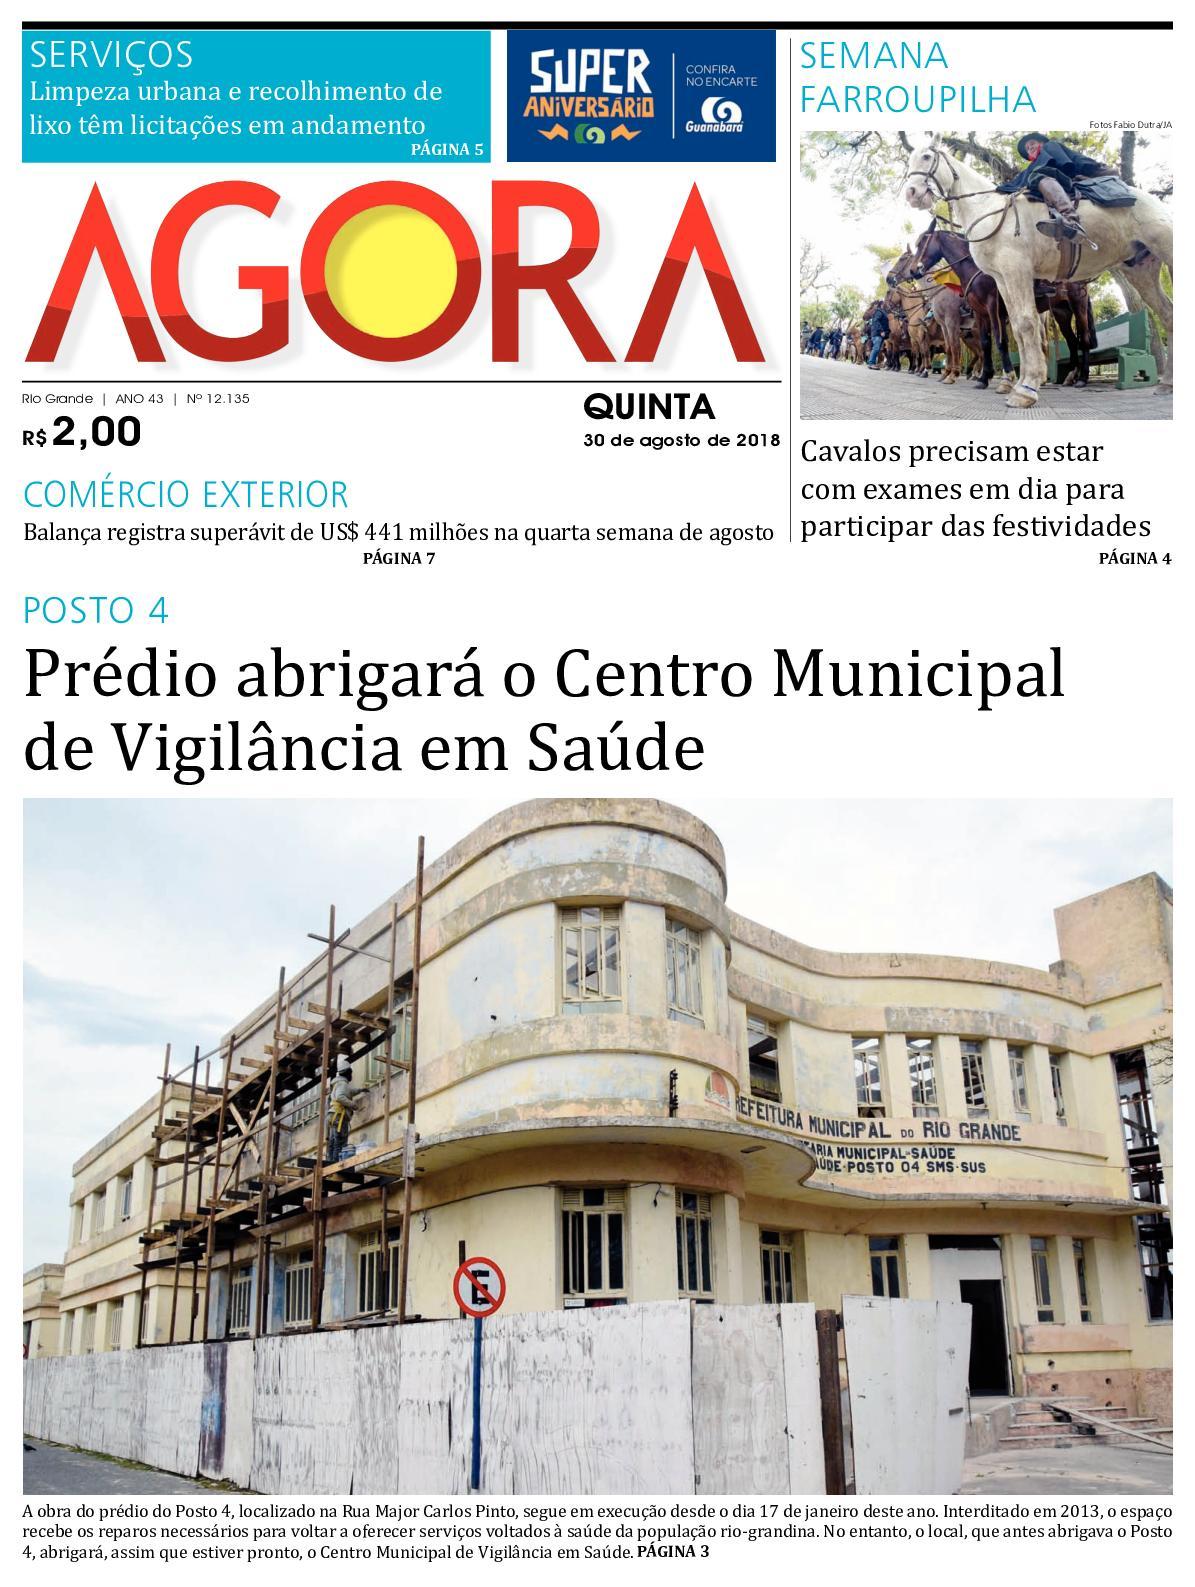 Calaméo - Jornal Agora - Edição 12135 - 30 de Agosto de 2018 6db4ae1692a22